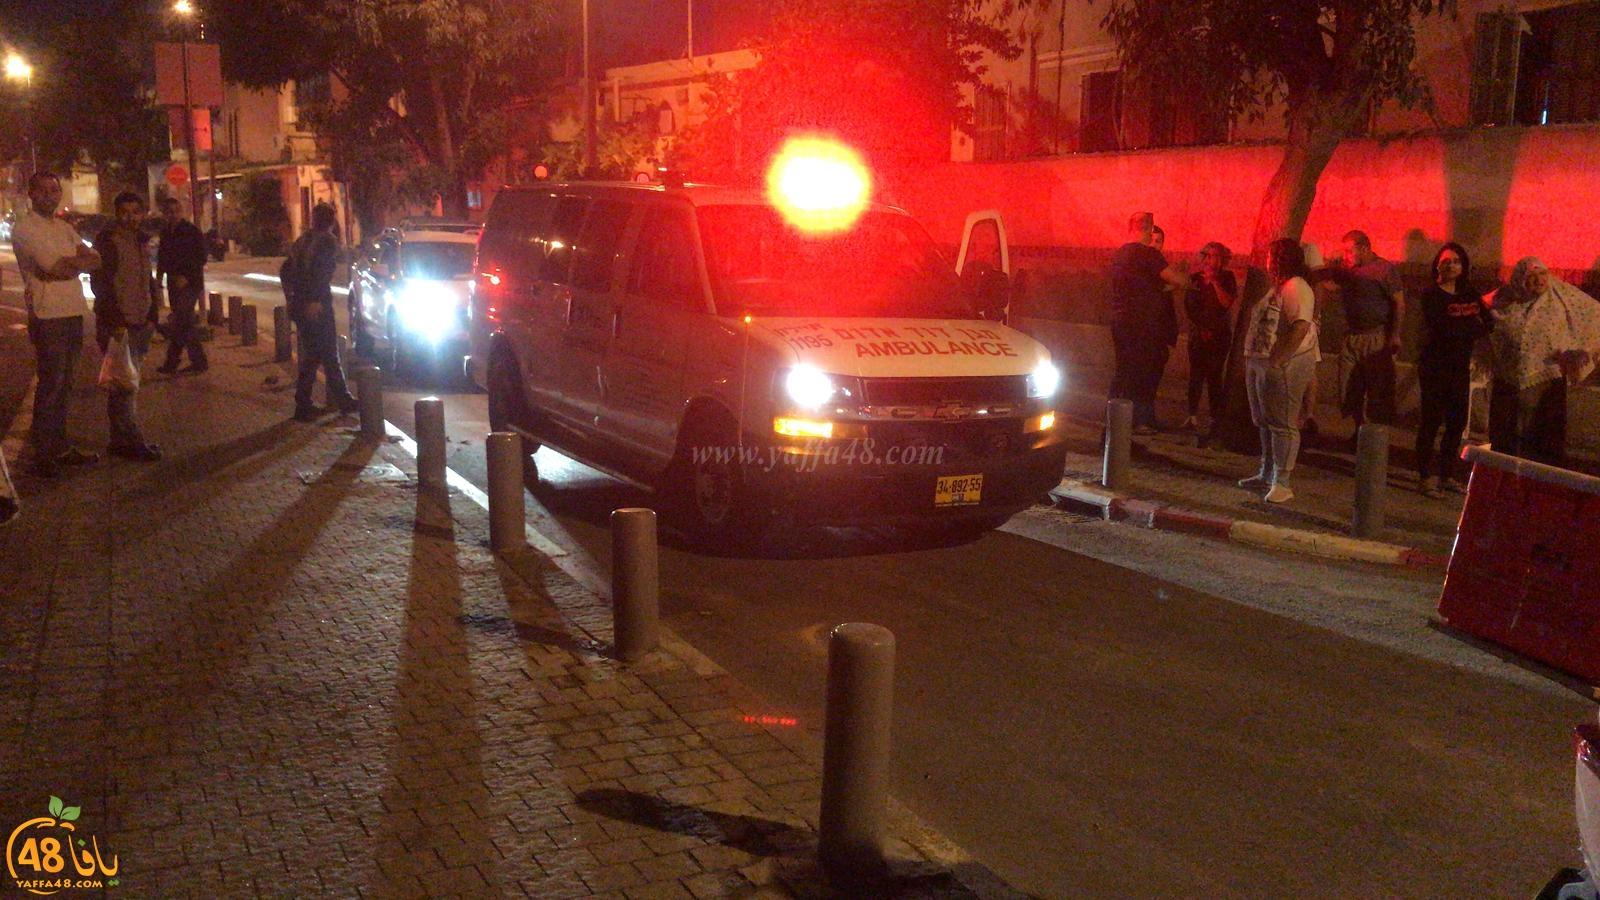 فيديو: اصابة طفيفة لسائق مركبة بحادث طرق ذاتي بيافا